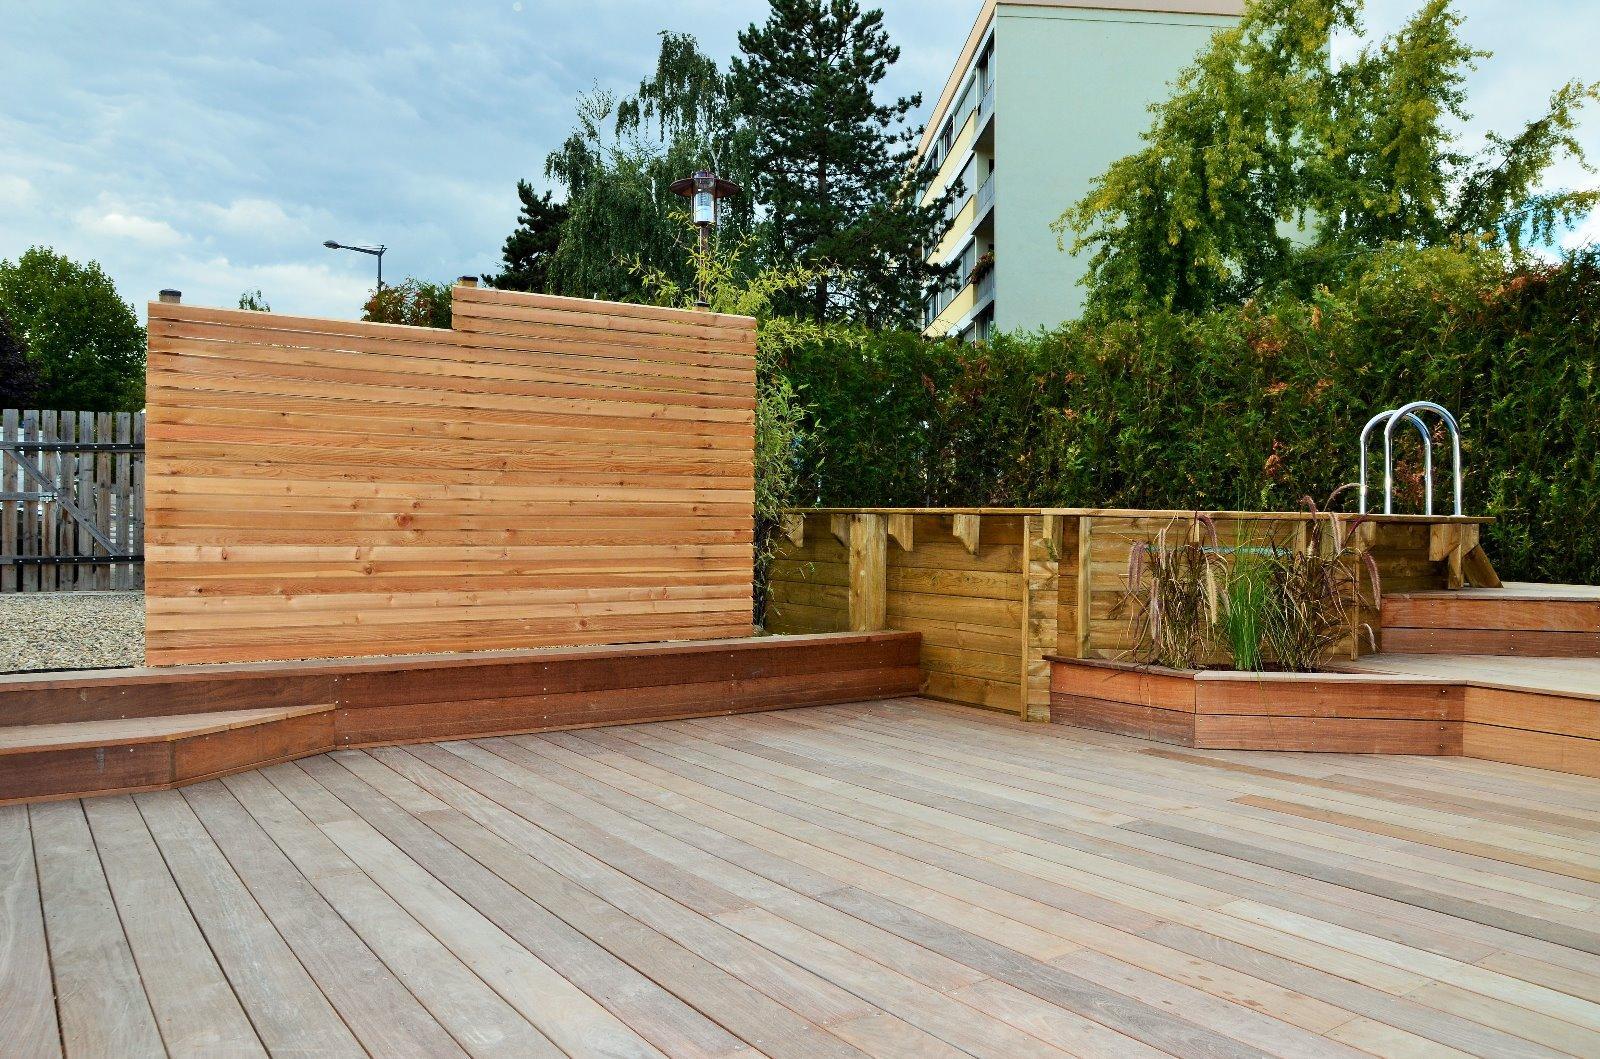 Terrasse bois 67 nos conseils for Objectif bois cloison japonaise